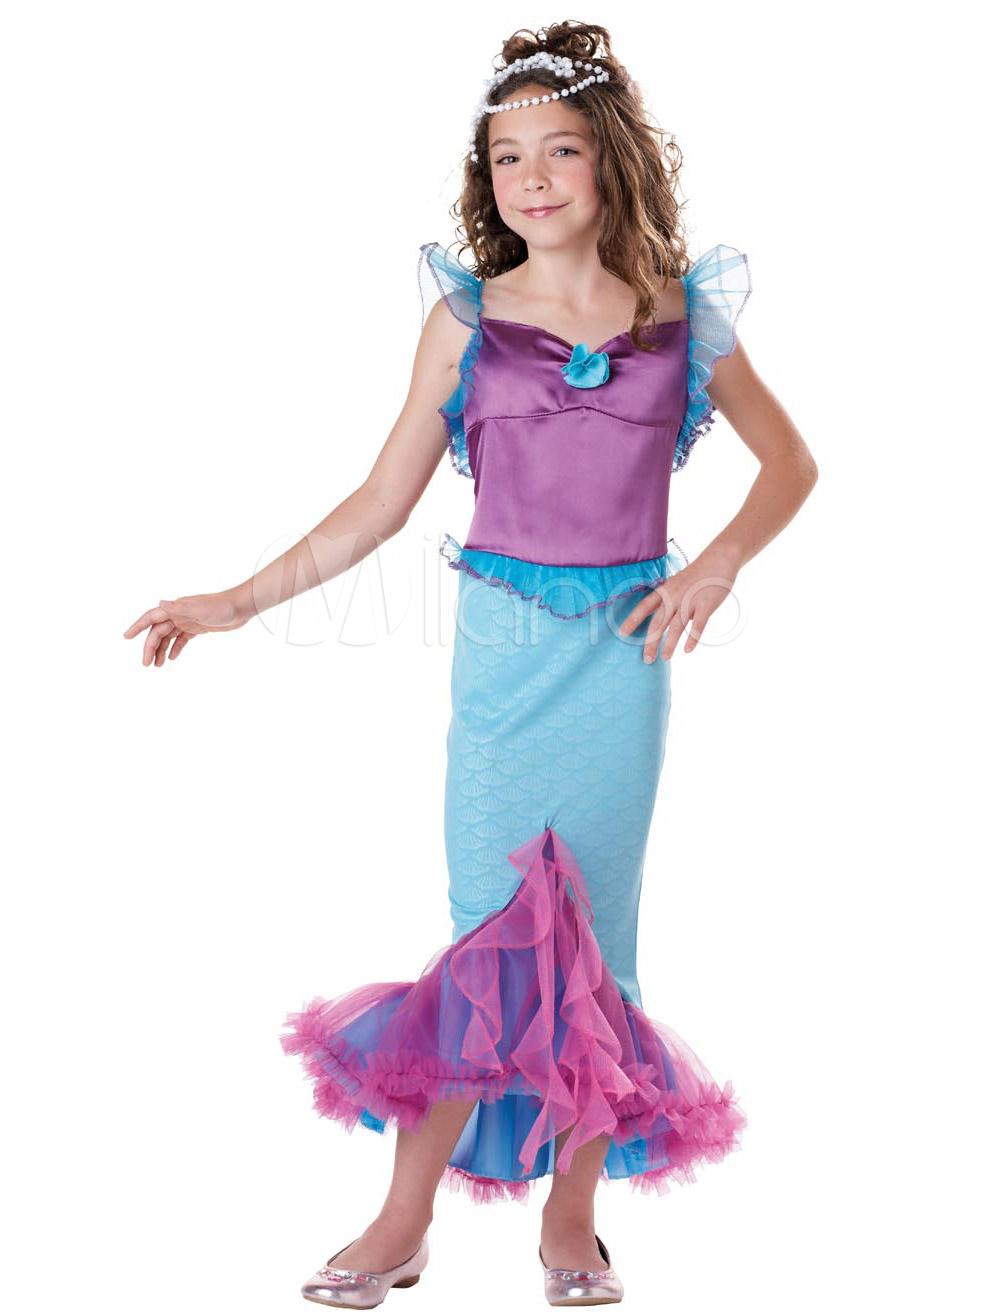 Сделать костюм русалки для девочки своими руками 52